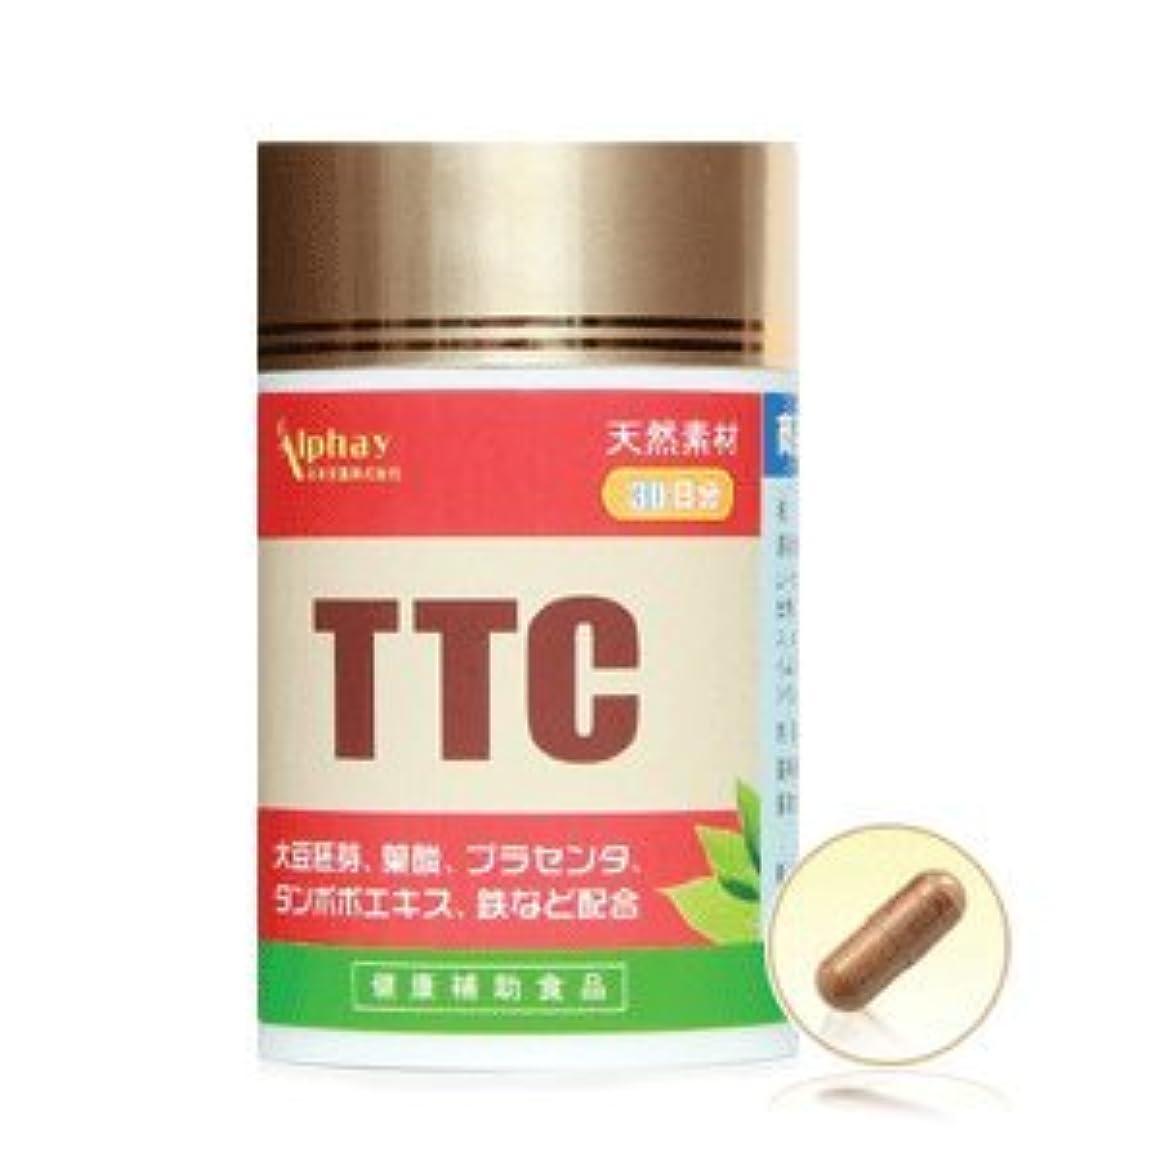 以降砲撃貫通妊活 サプリ TTC-3【ミトコンドリアサプリ】女性用 120粒入30日分